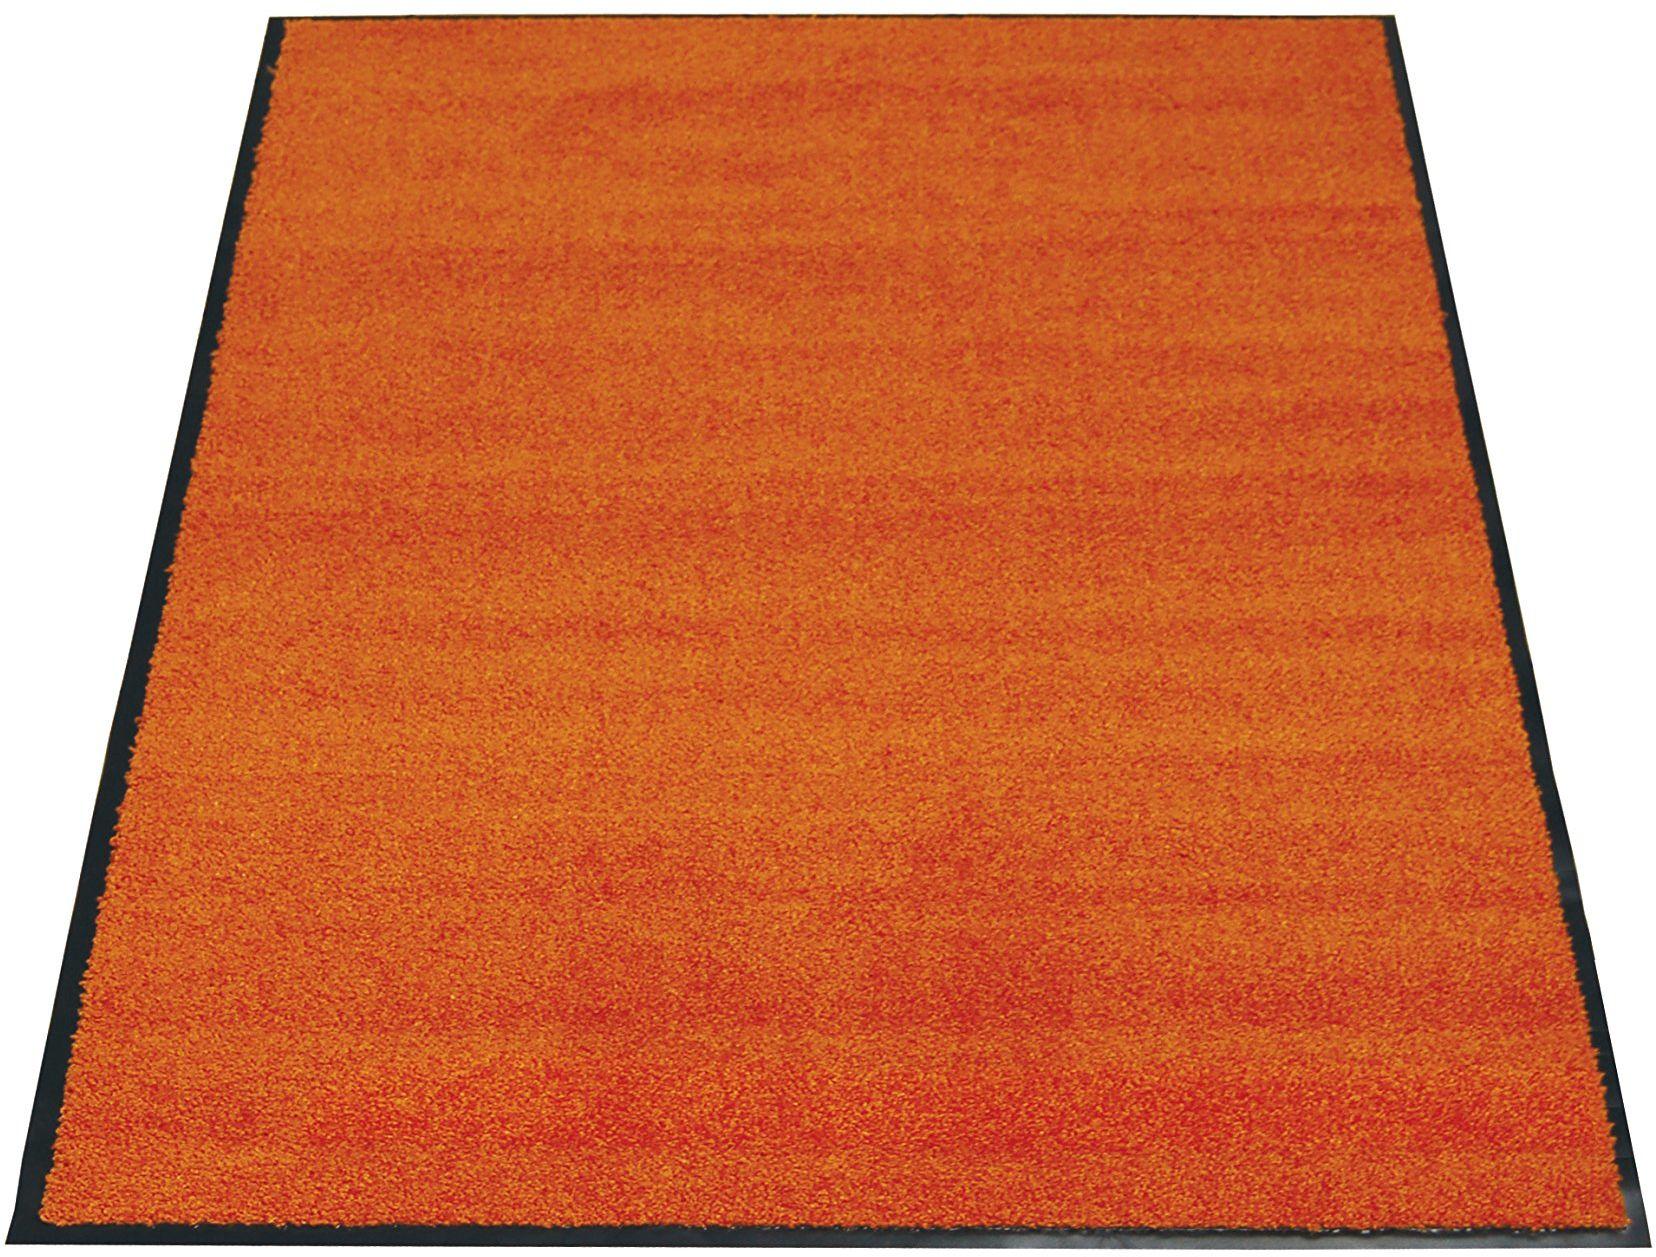 miltex Wycieraczka zatrzymująca brud, pomarańczowa, 60 x 90 cm